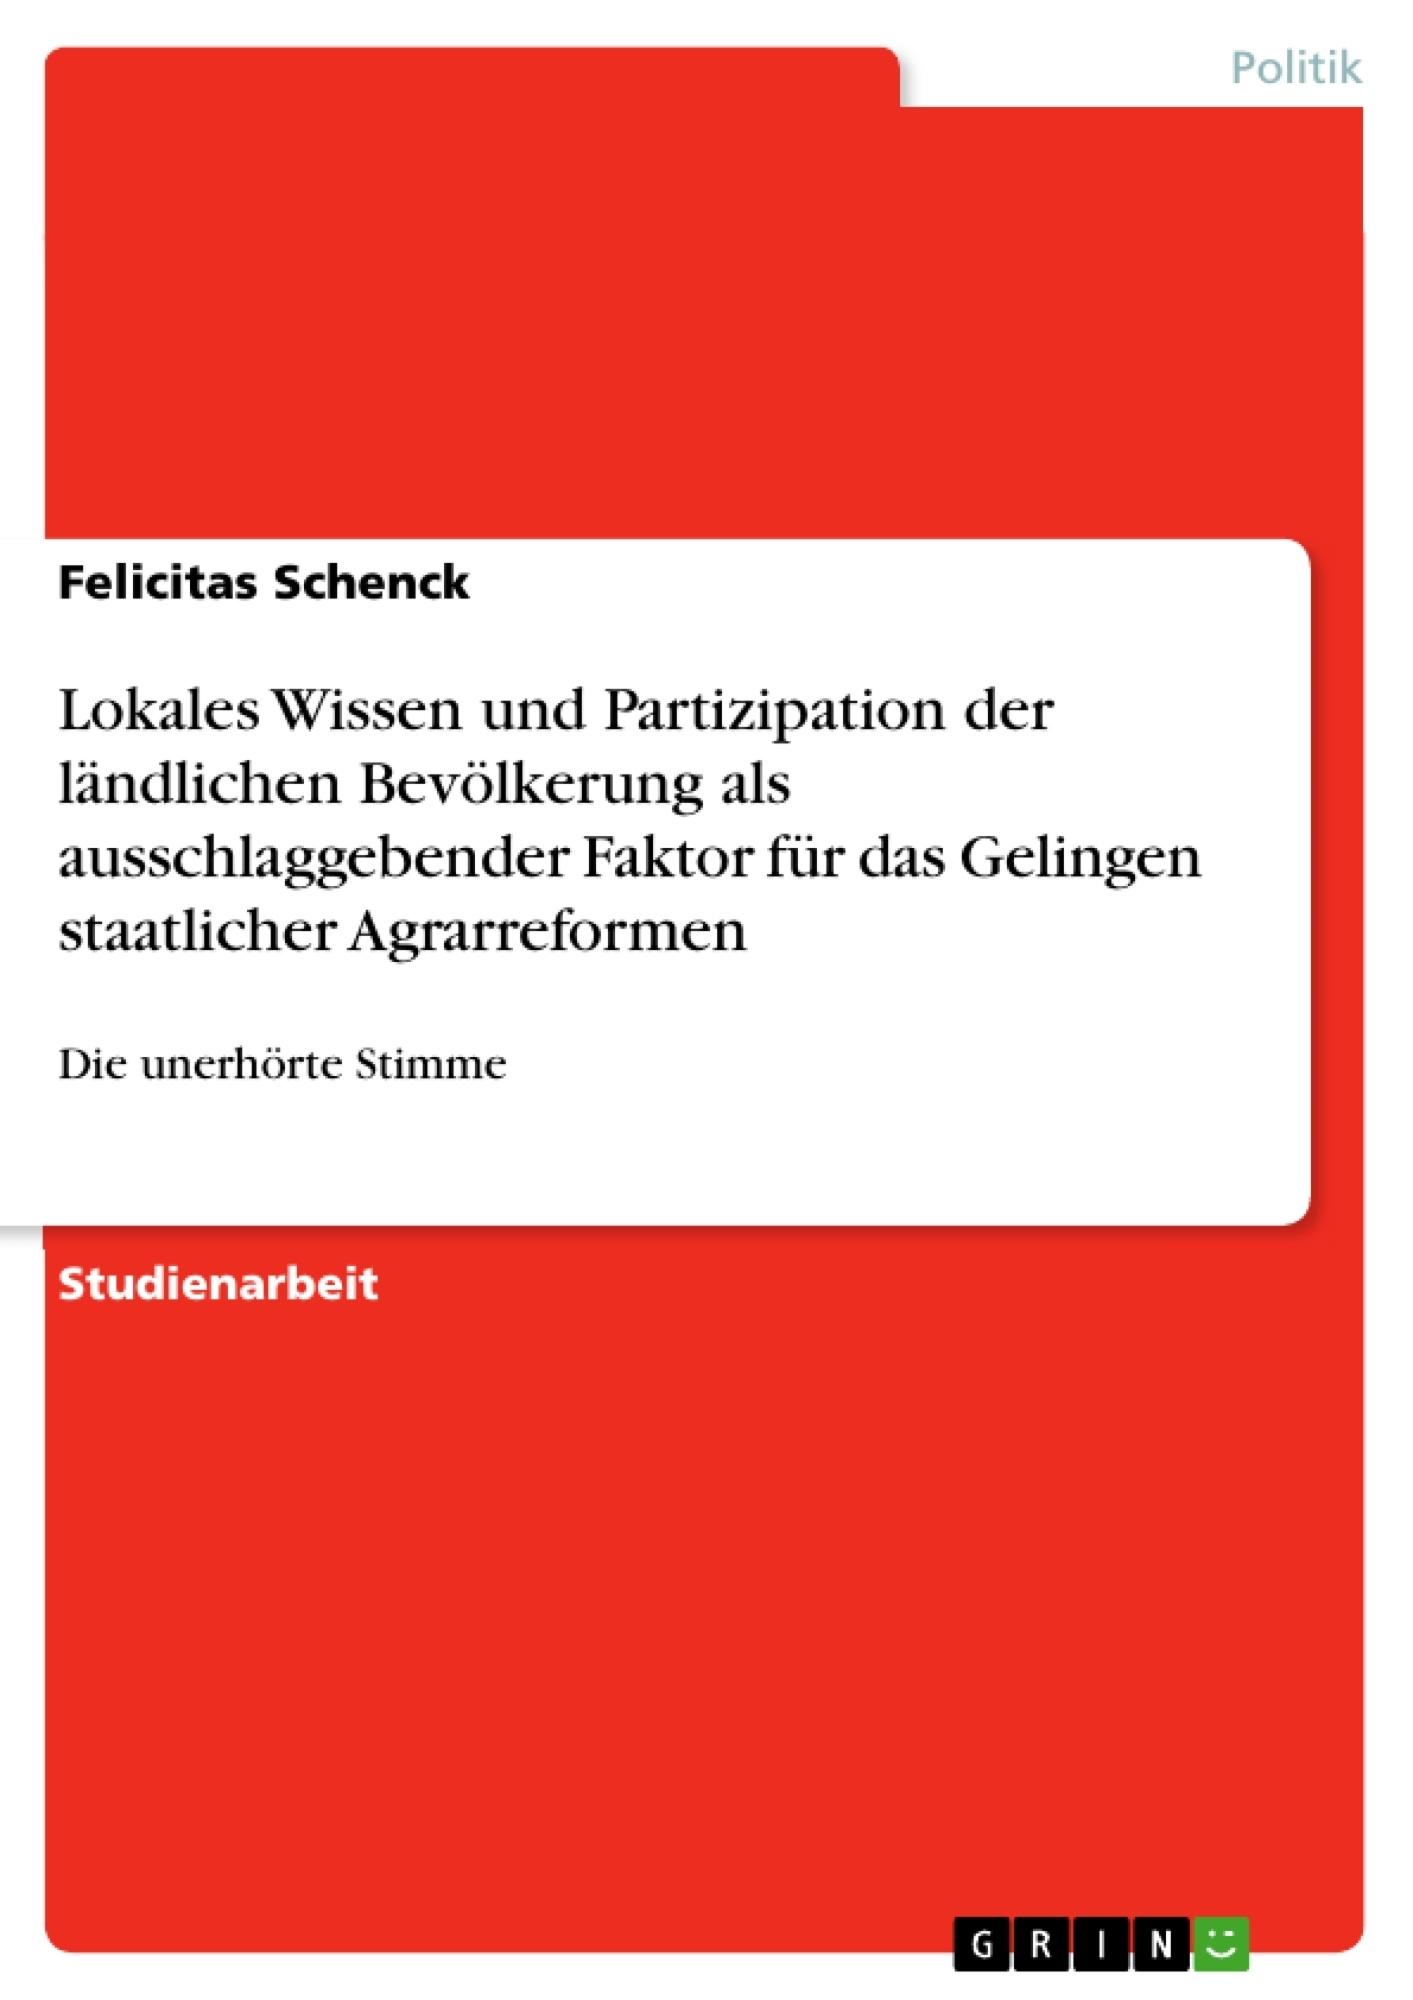 Titel: Lokales Wissen und Partizipation der ländlichen Bevölkerung als ausschlaggebender Faktor für das Gelingen staatlicher Agrarreformen